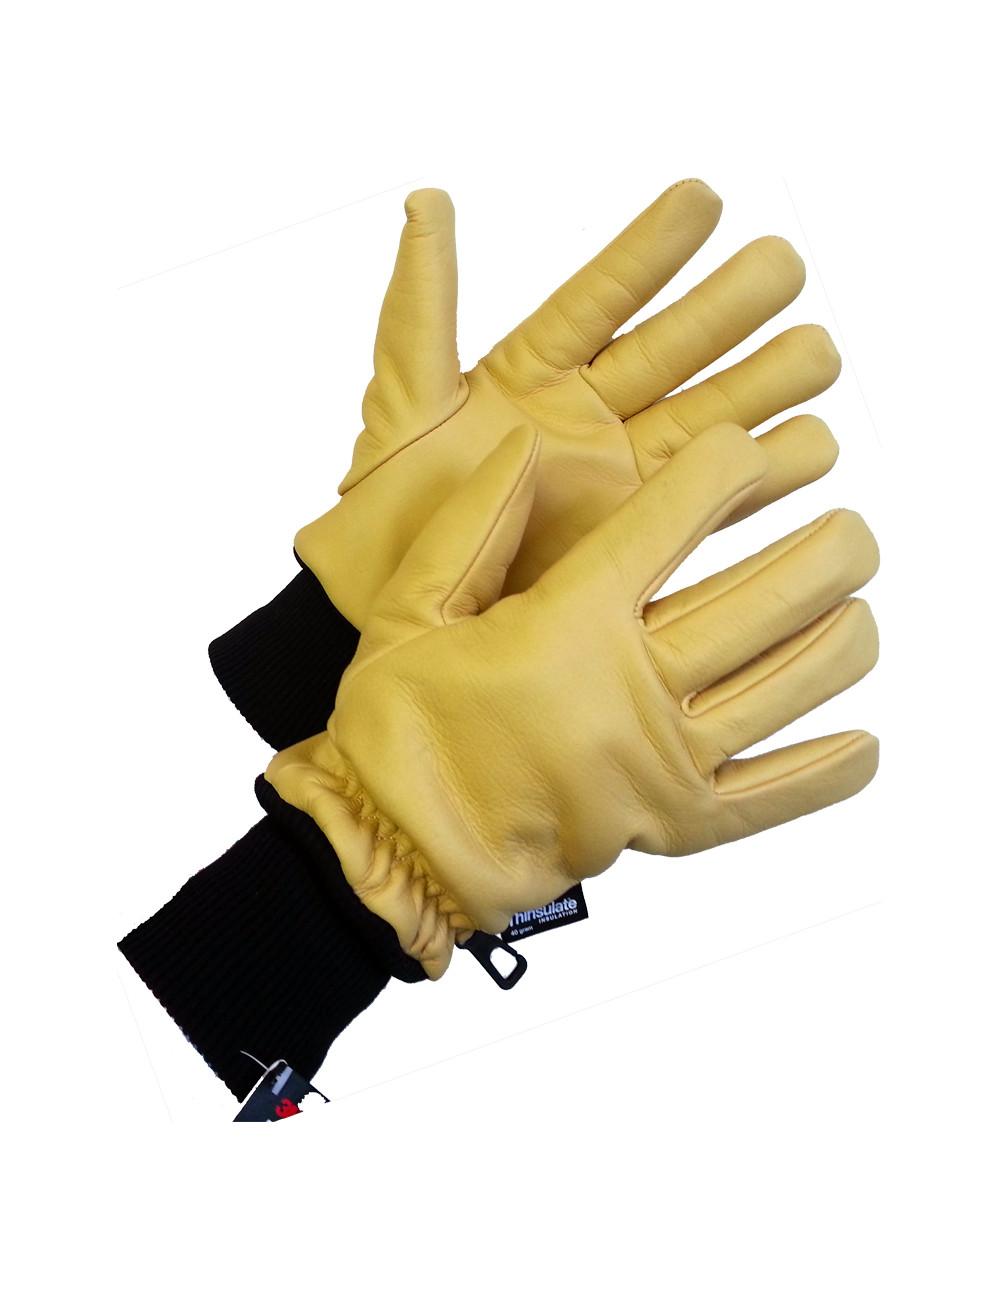 Rękawiczki Goldfreeze Order Picker Coldstore ze skóry bydlęcej